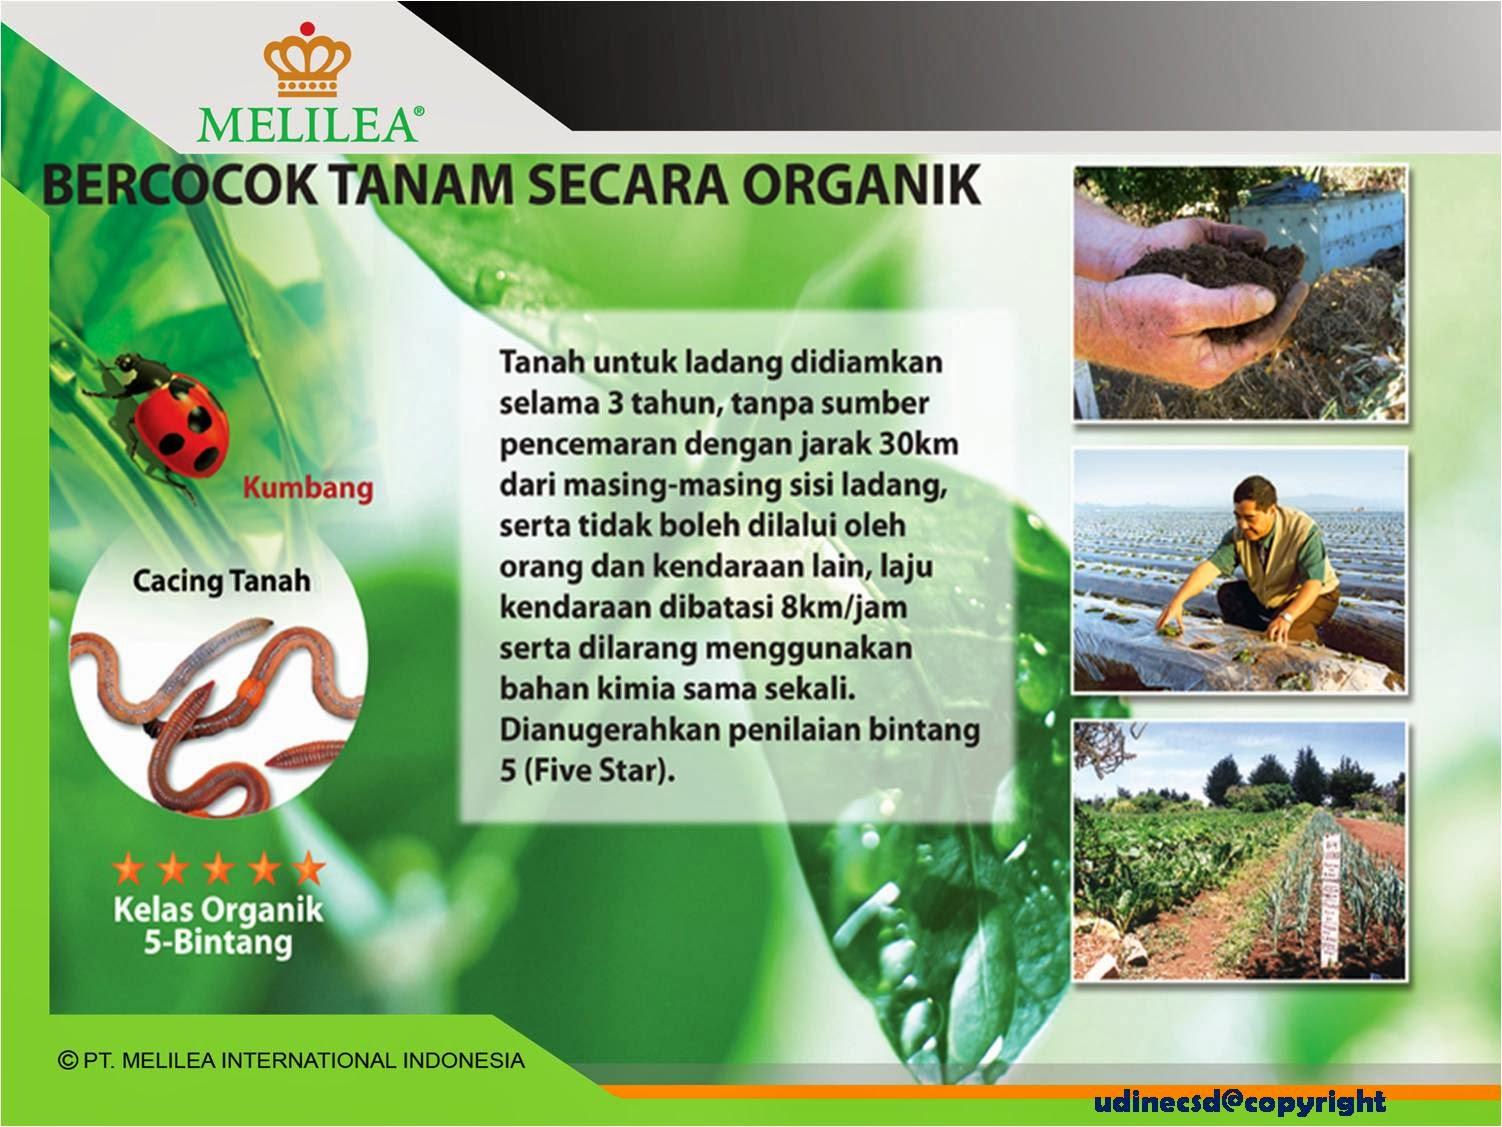 Bisnis Sembako Untuk Kesejahteraan Kita Susu Kedelai Bubuk Melilea Organik Serbuk Cara Bercocok Tanam Greenfield Organic